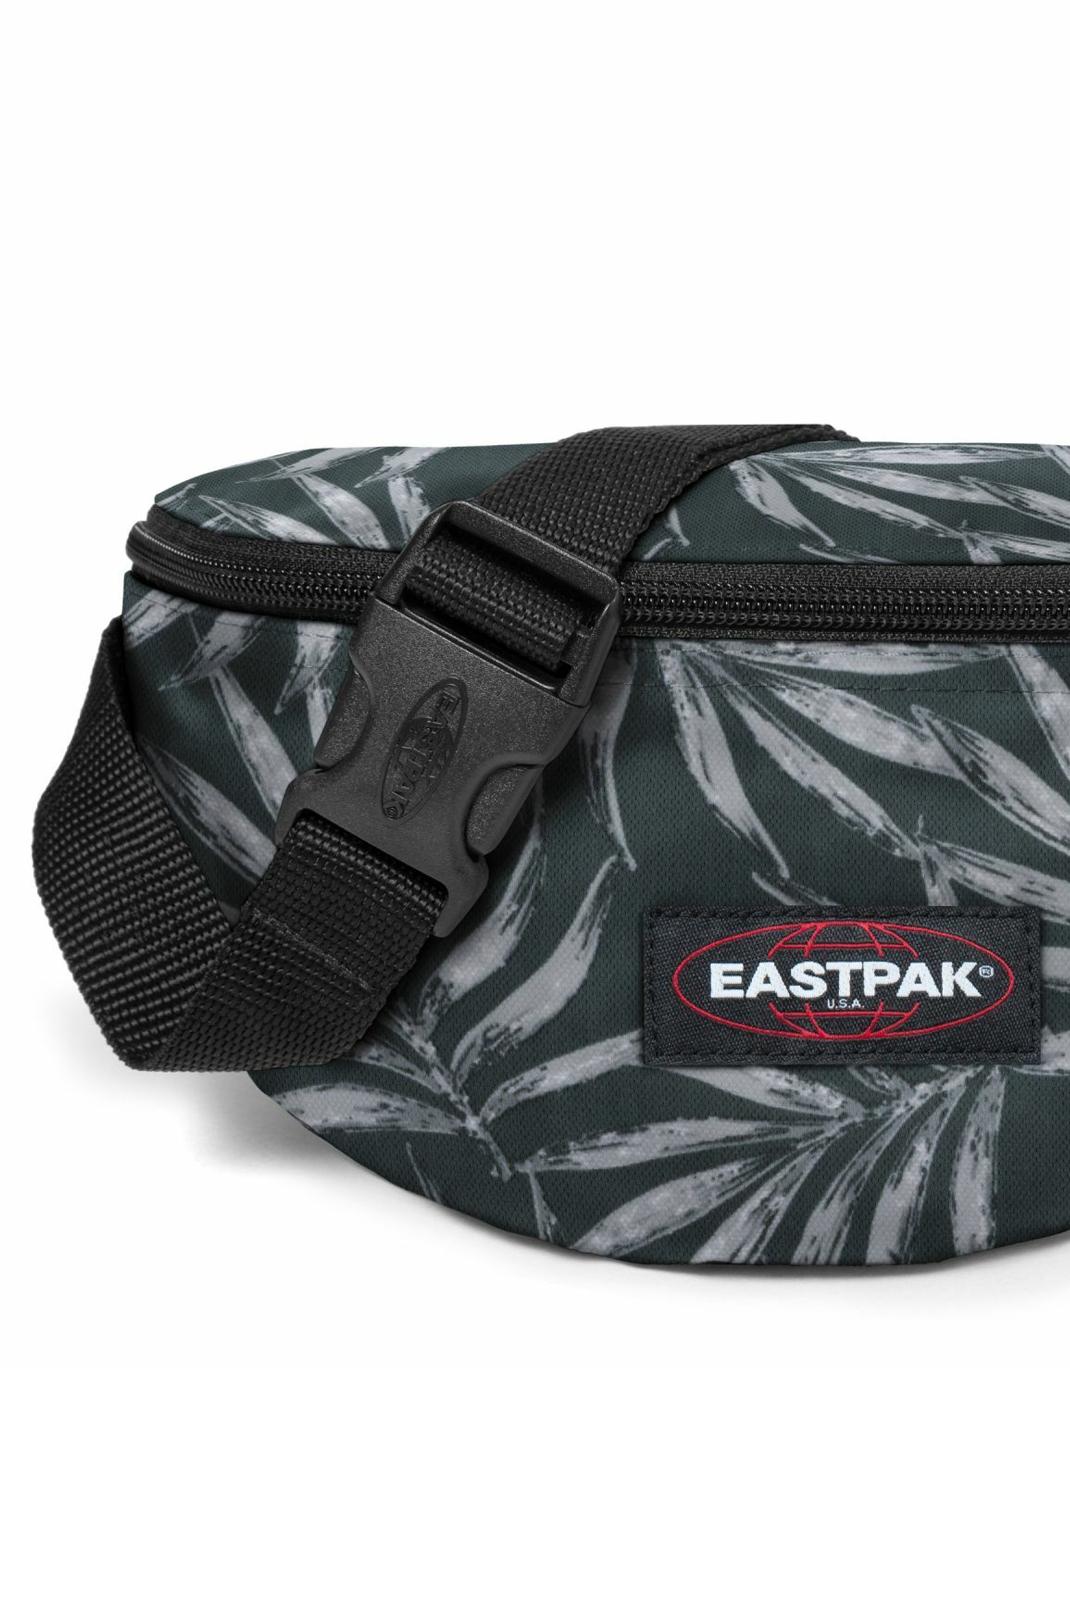 Sac porté épaule  Eastpak EK074A18 gris multi gris